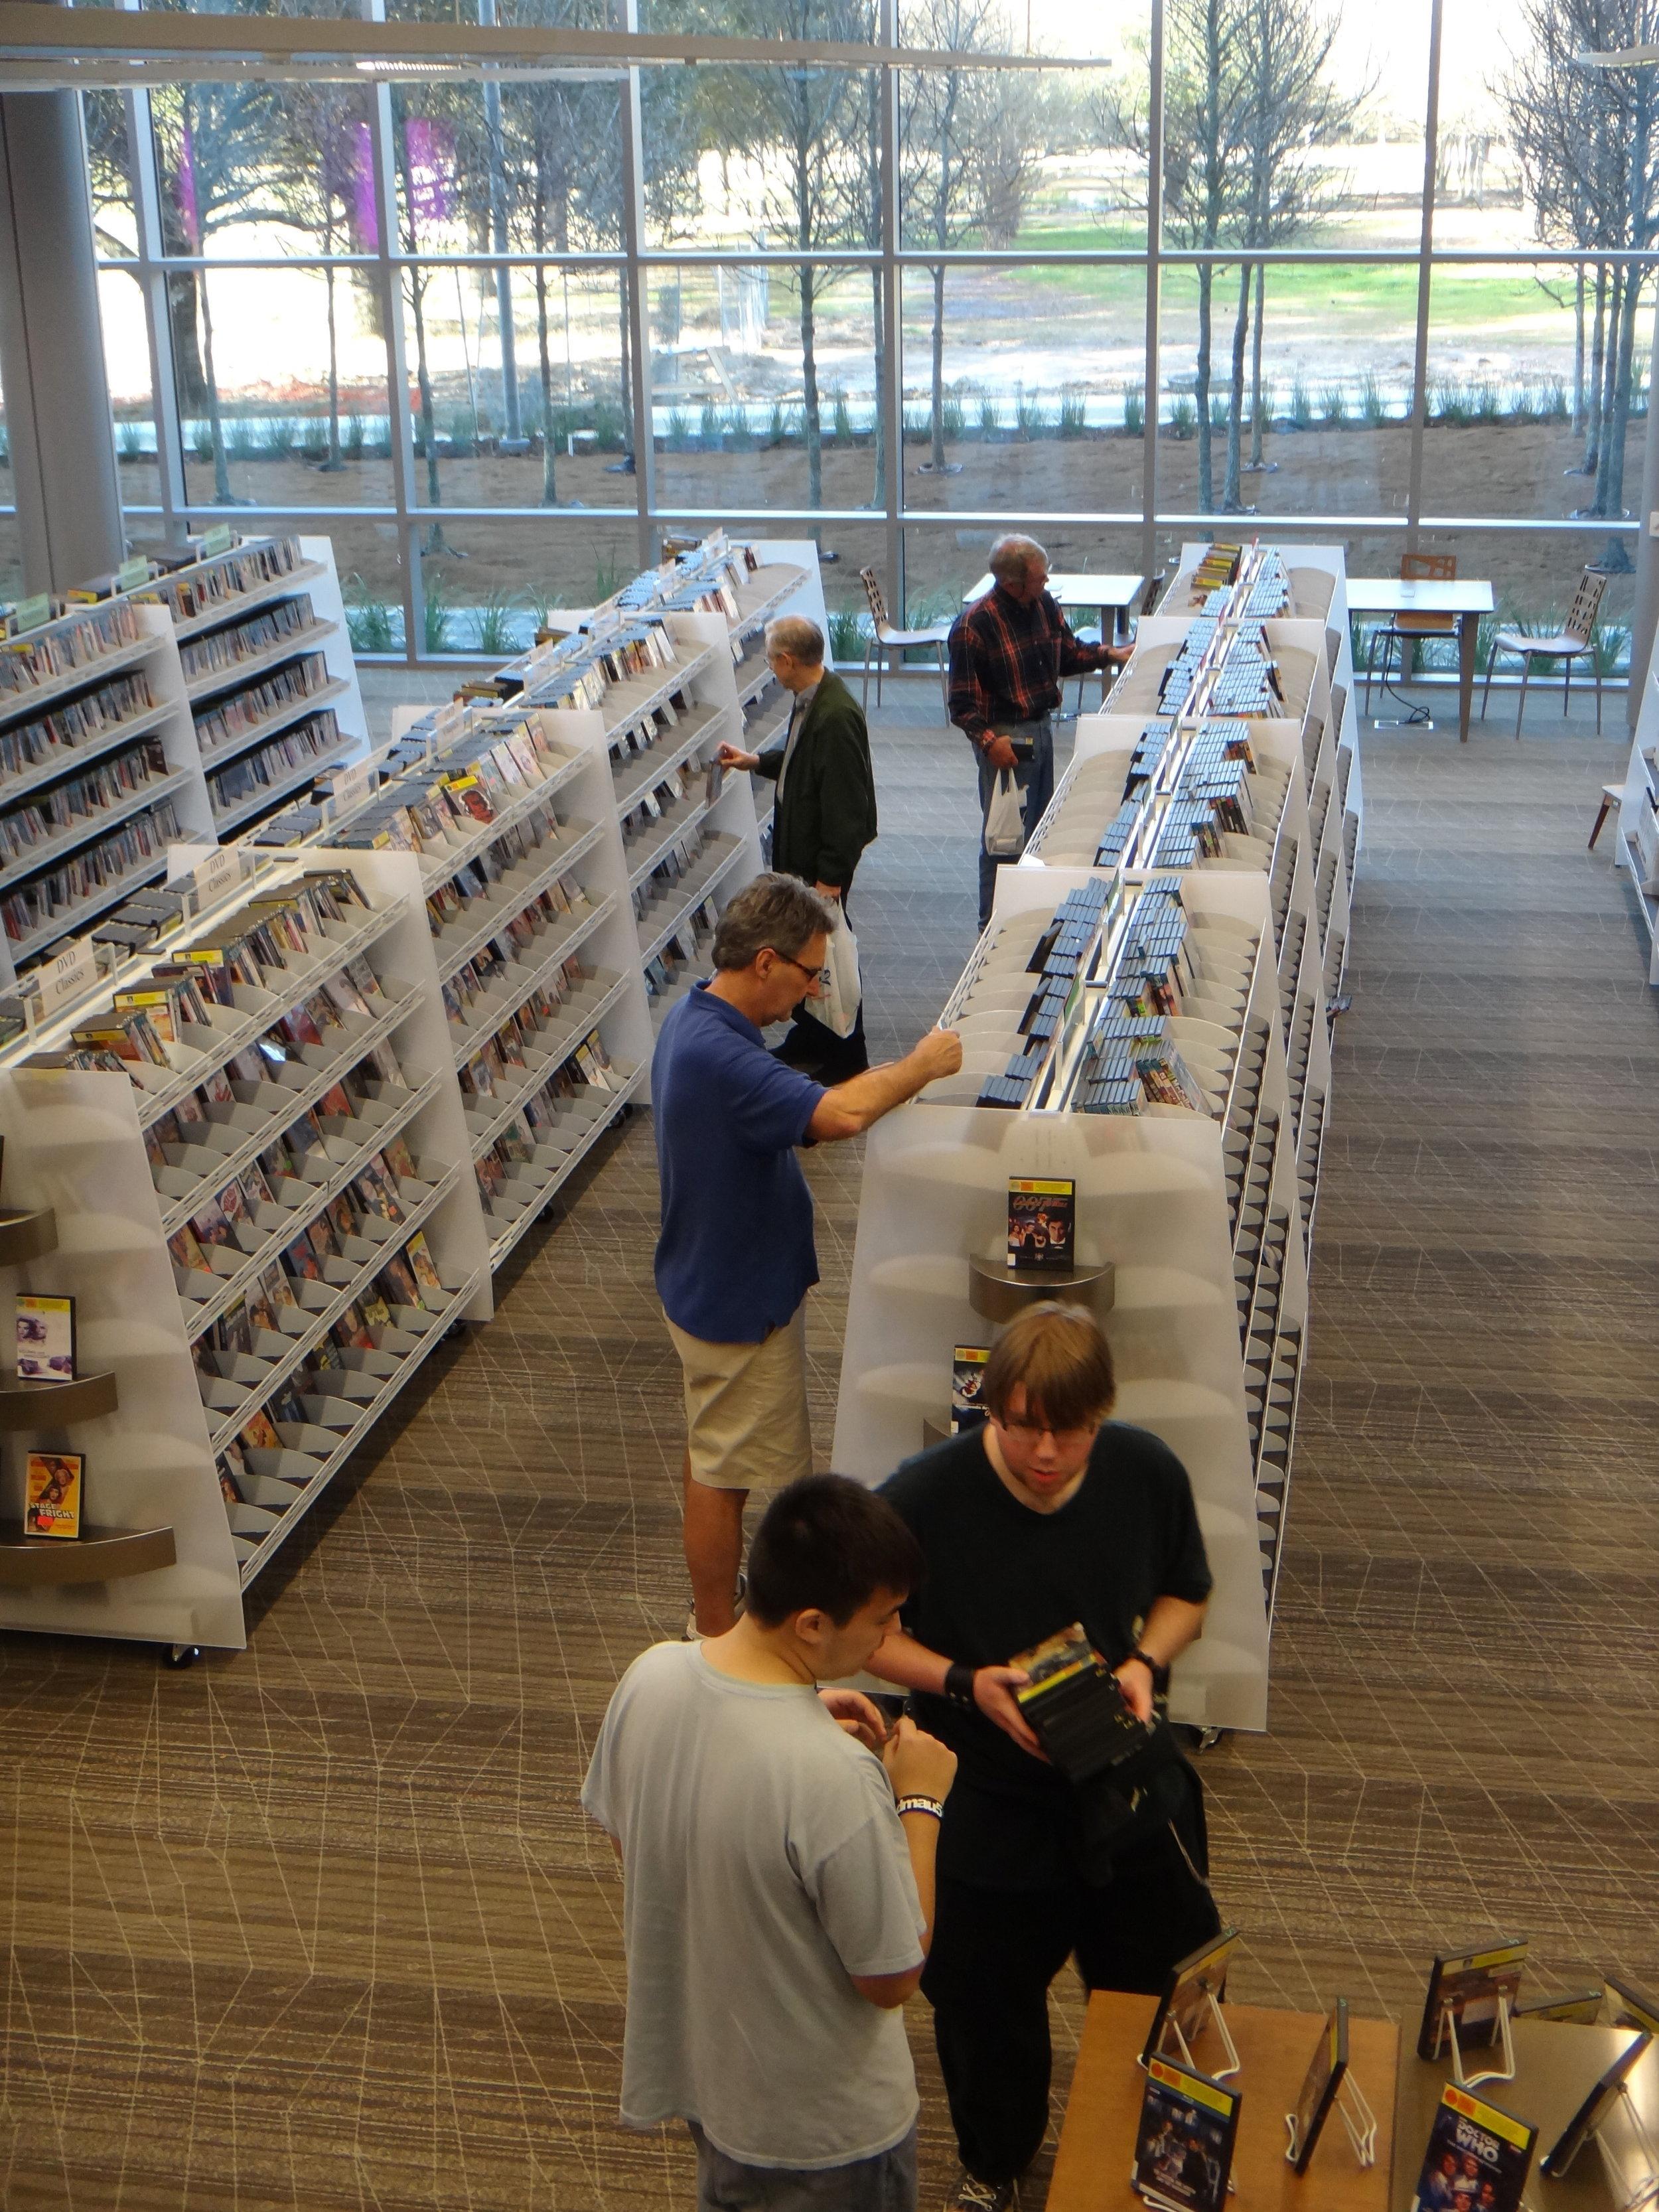 Main Library at Goodwood, LA